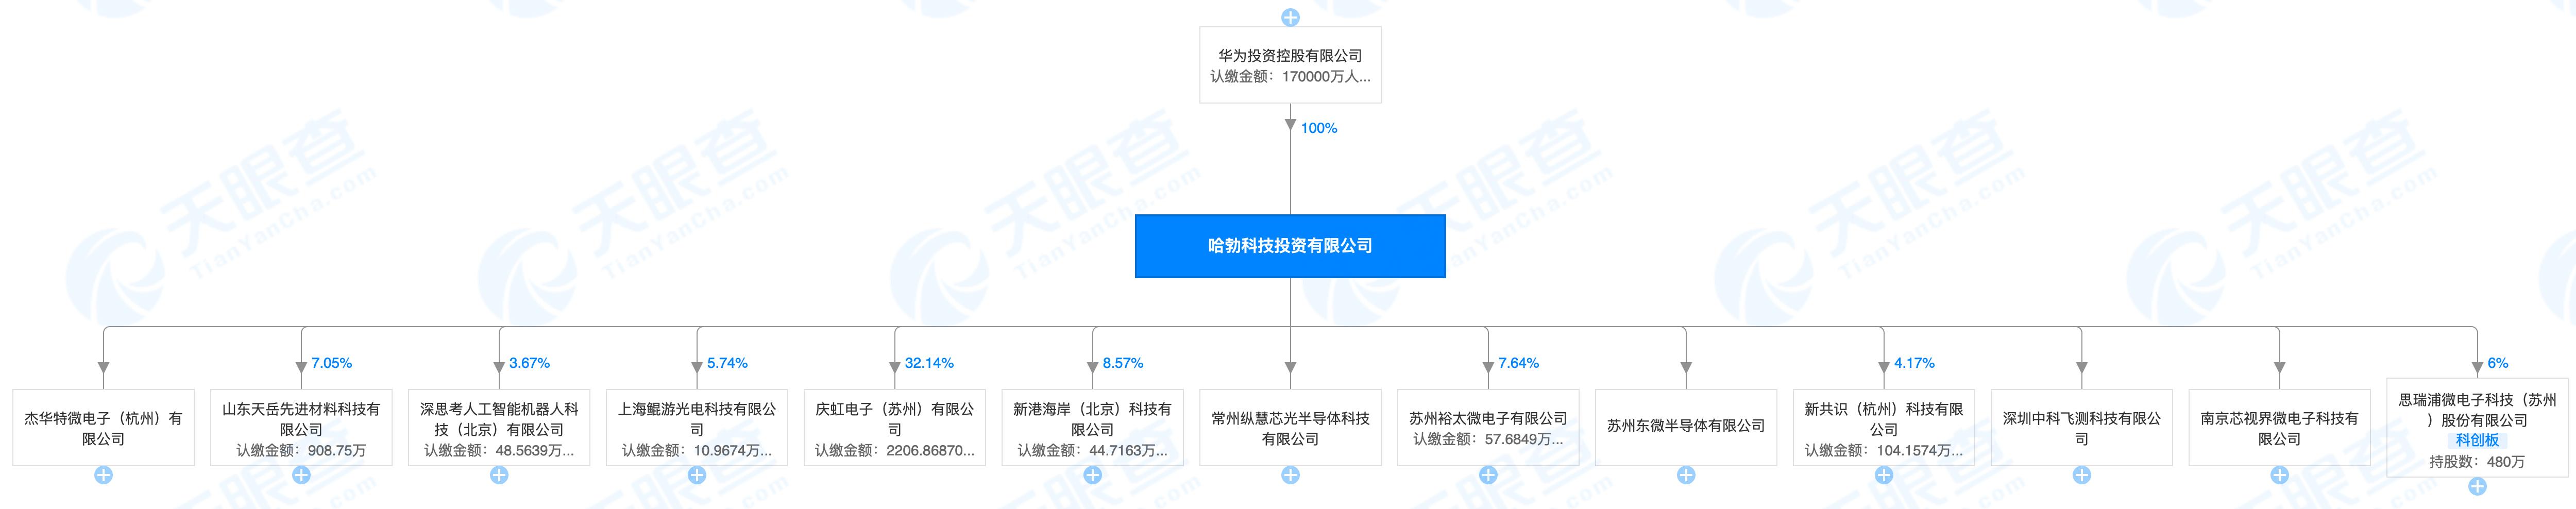 华为哈勃入股南京芯视界微电子:今年投资的第9家企业